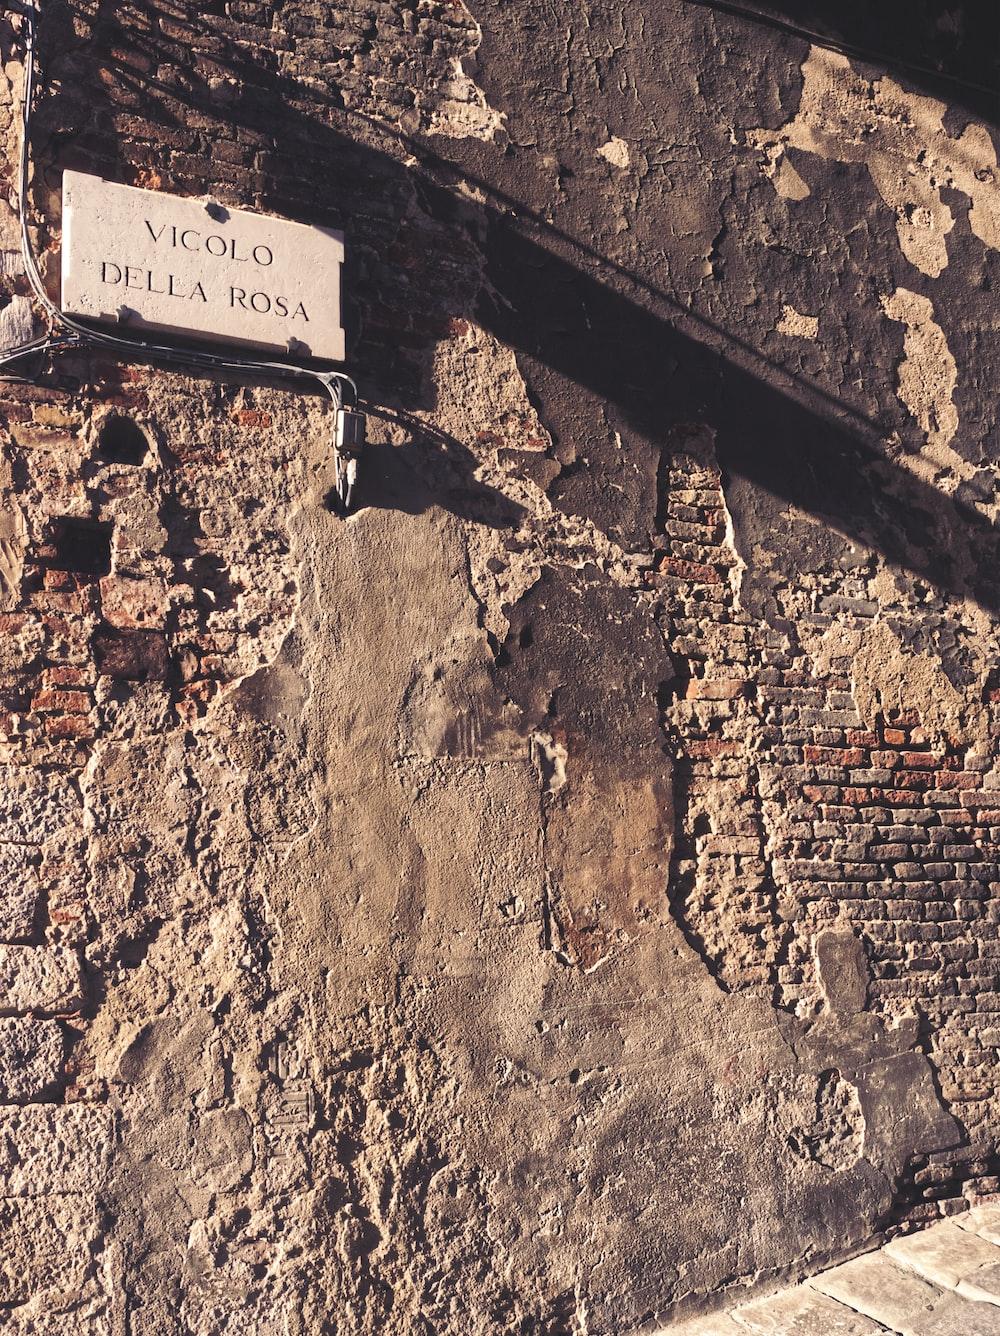 Vicolo Della Rosa signage